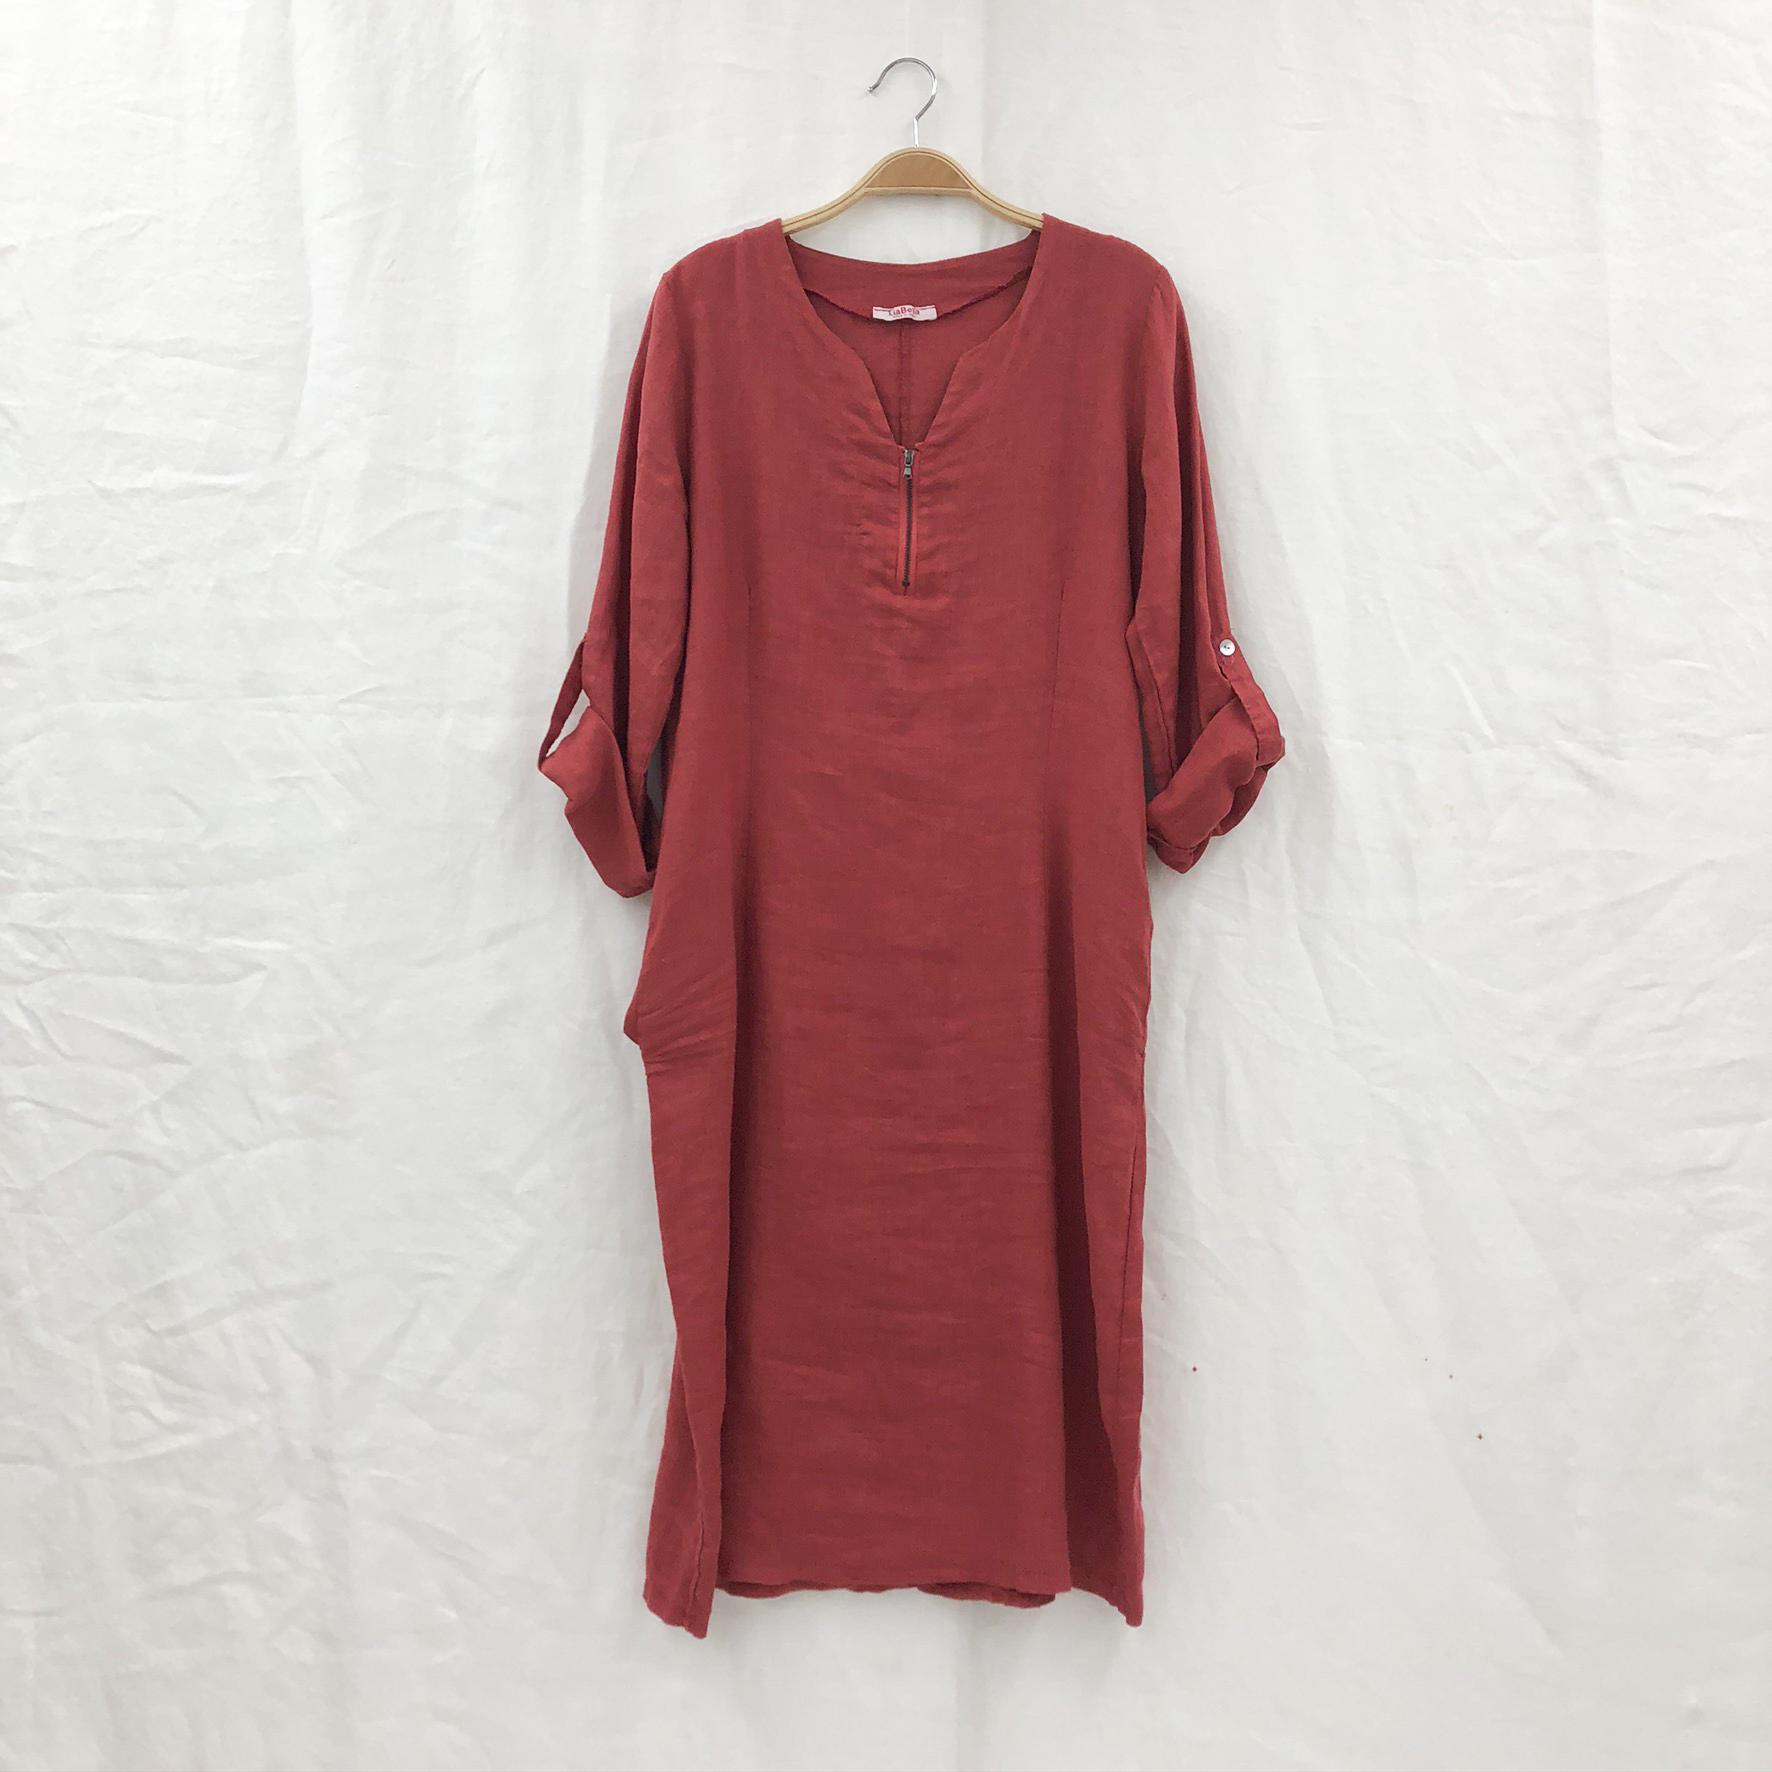 Zipper Dress on Hanger - Rust